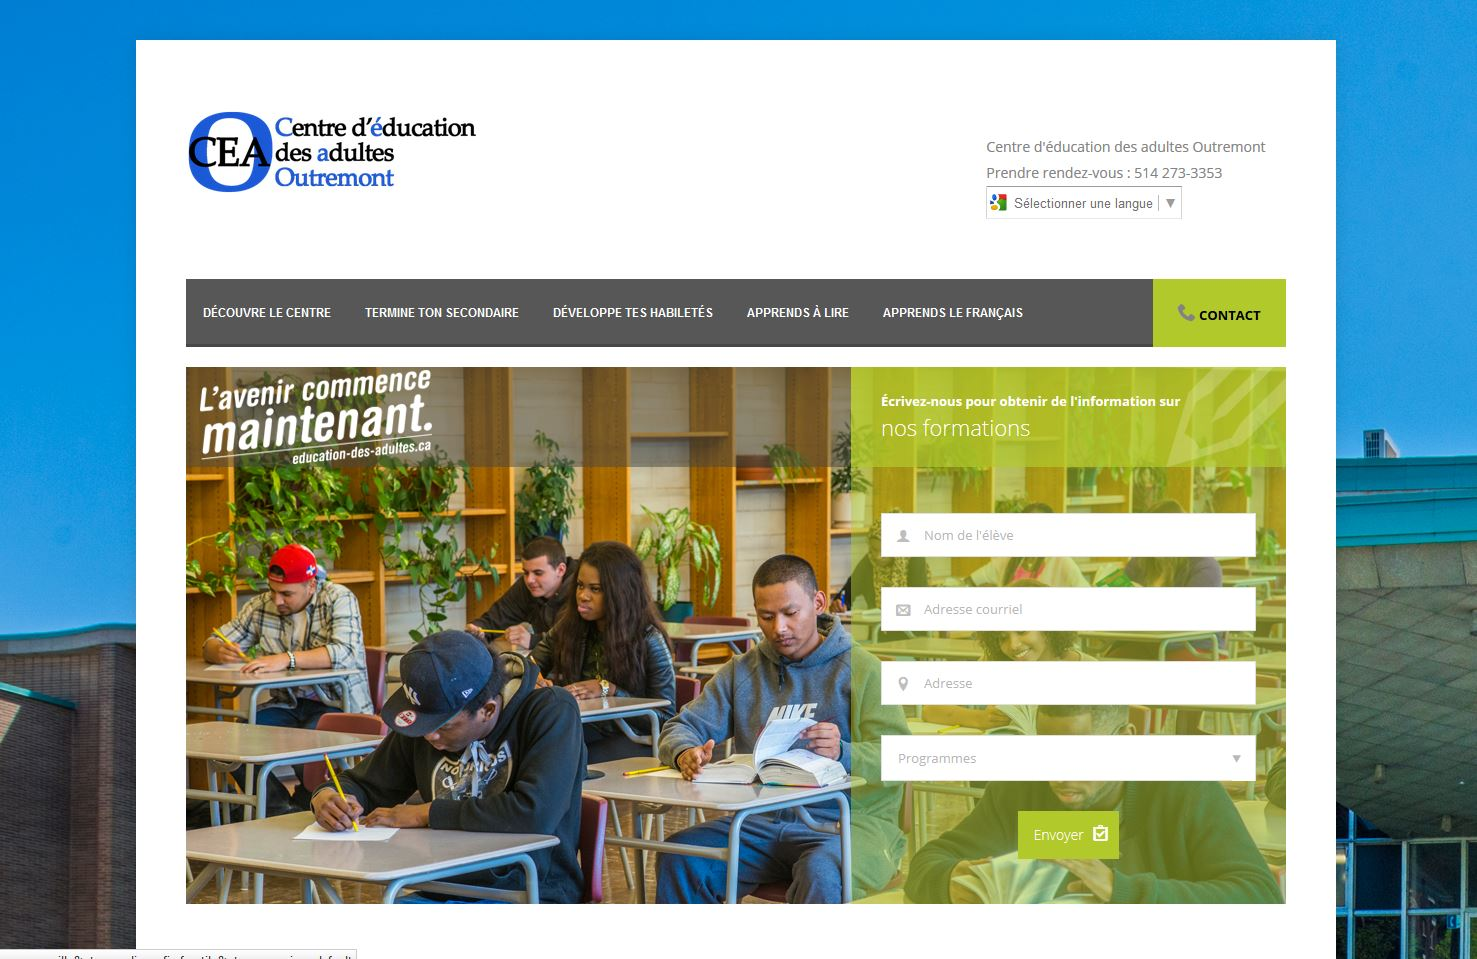 Centre d'éducation des adultes Outremont